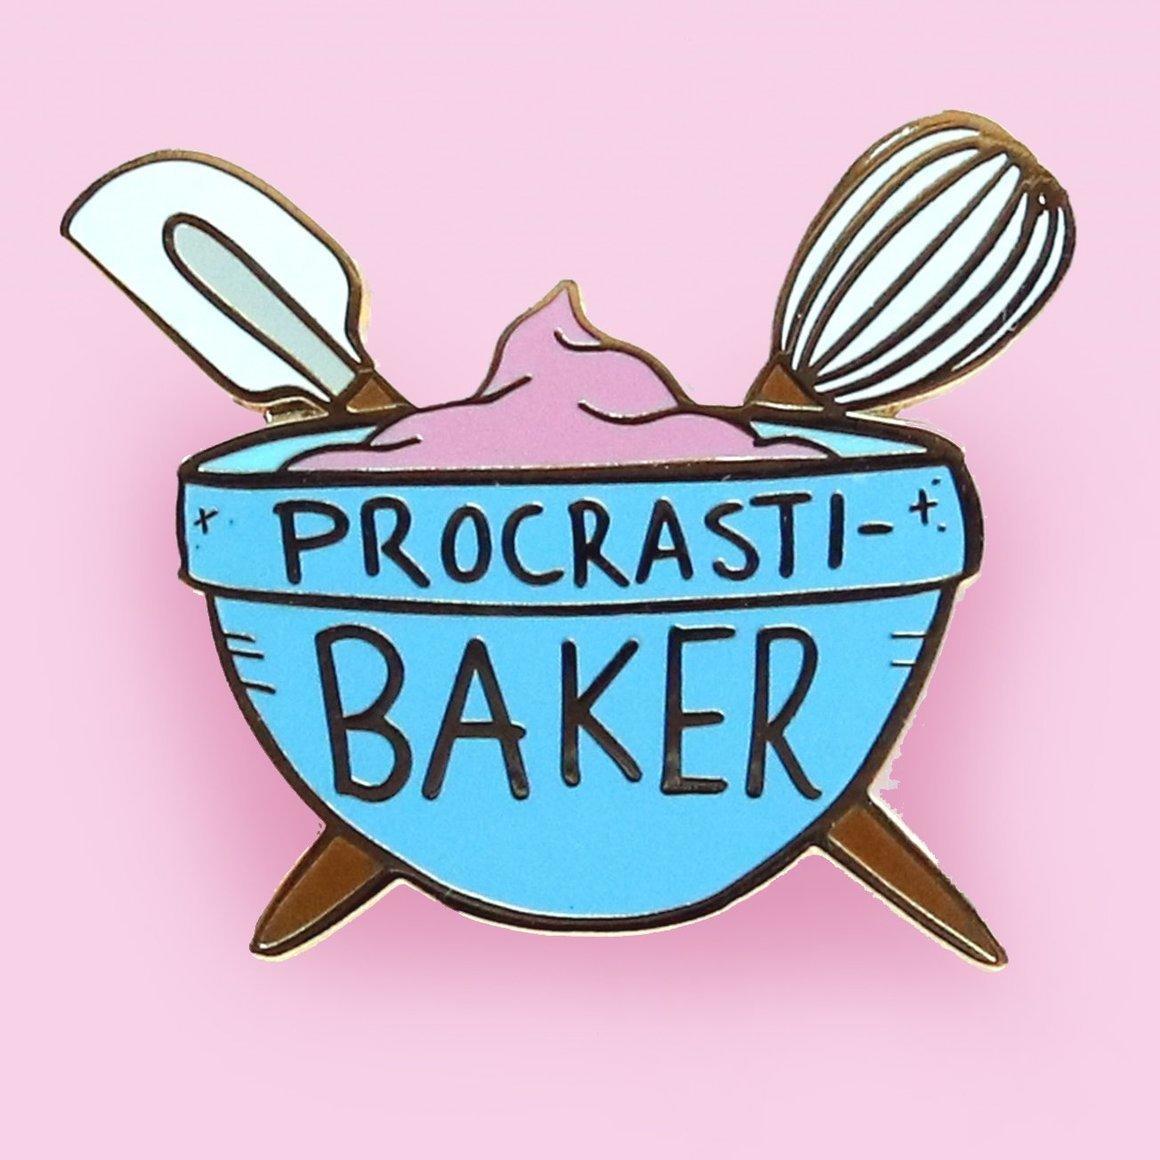 Procrasti-Baker Lapel Pin   Trada Marketplace